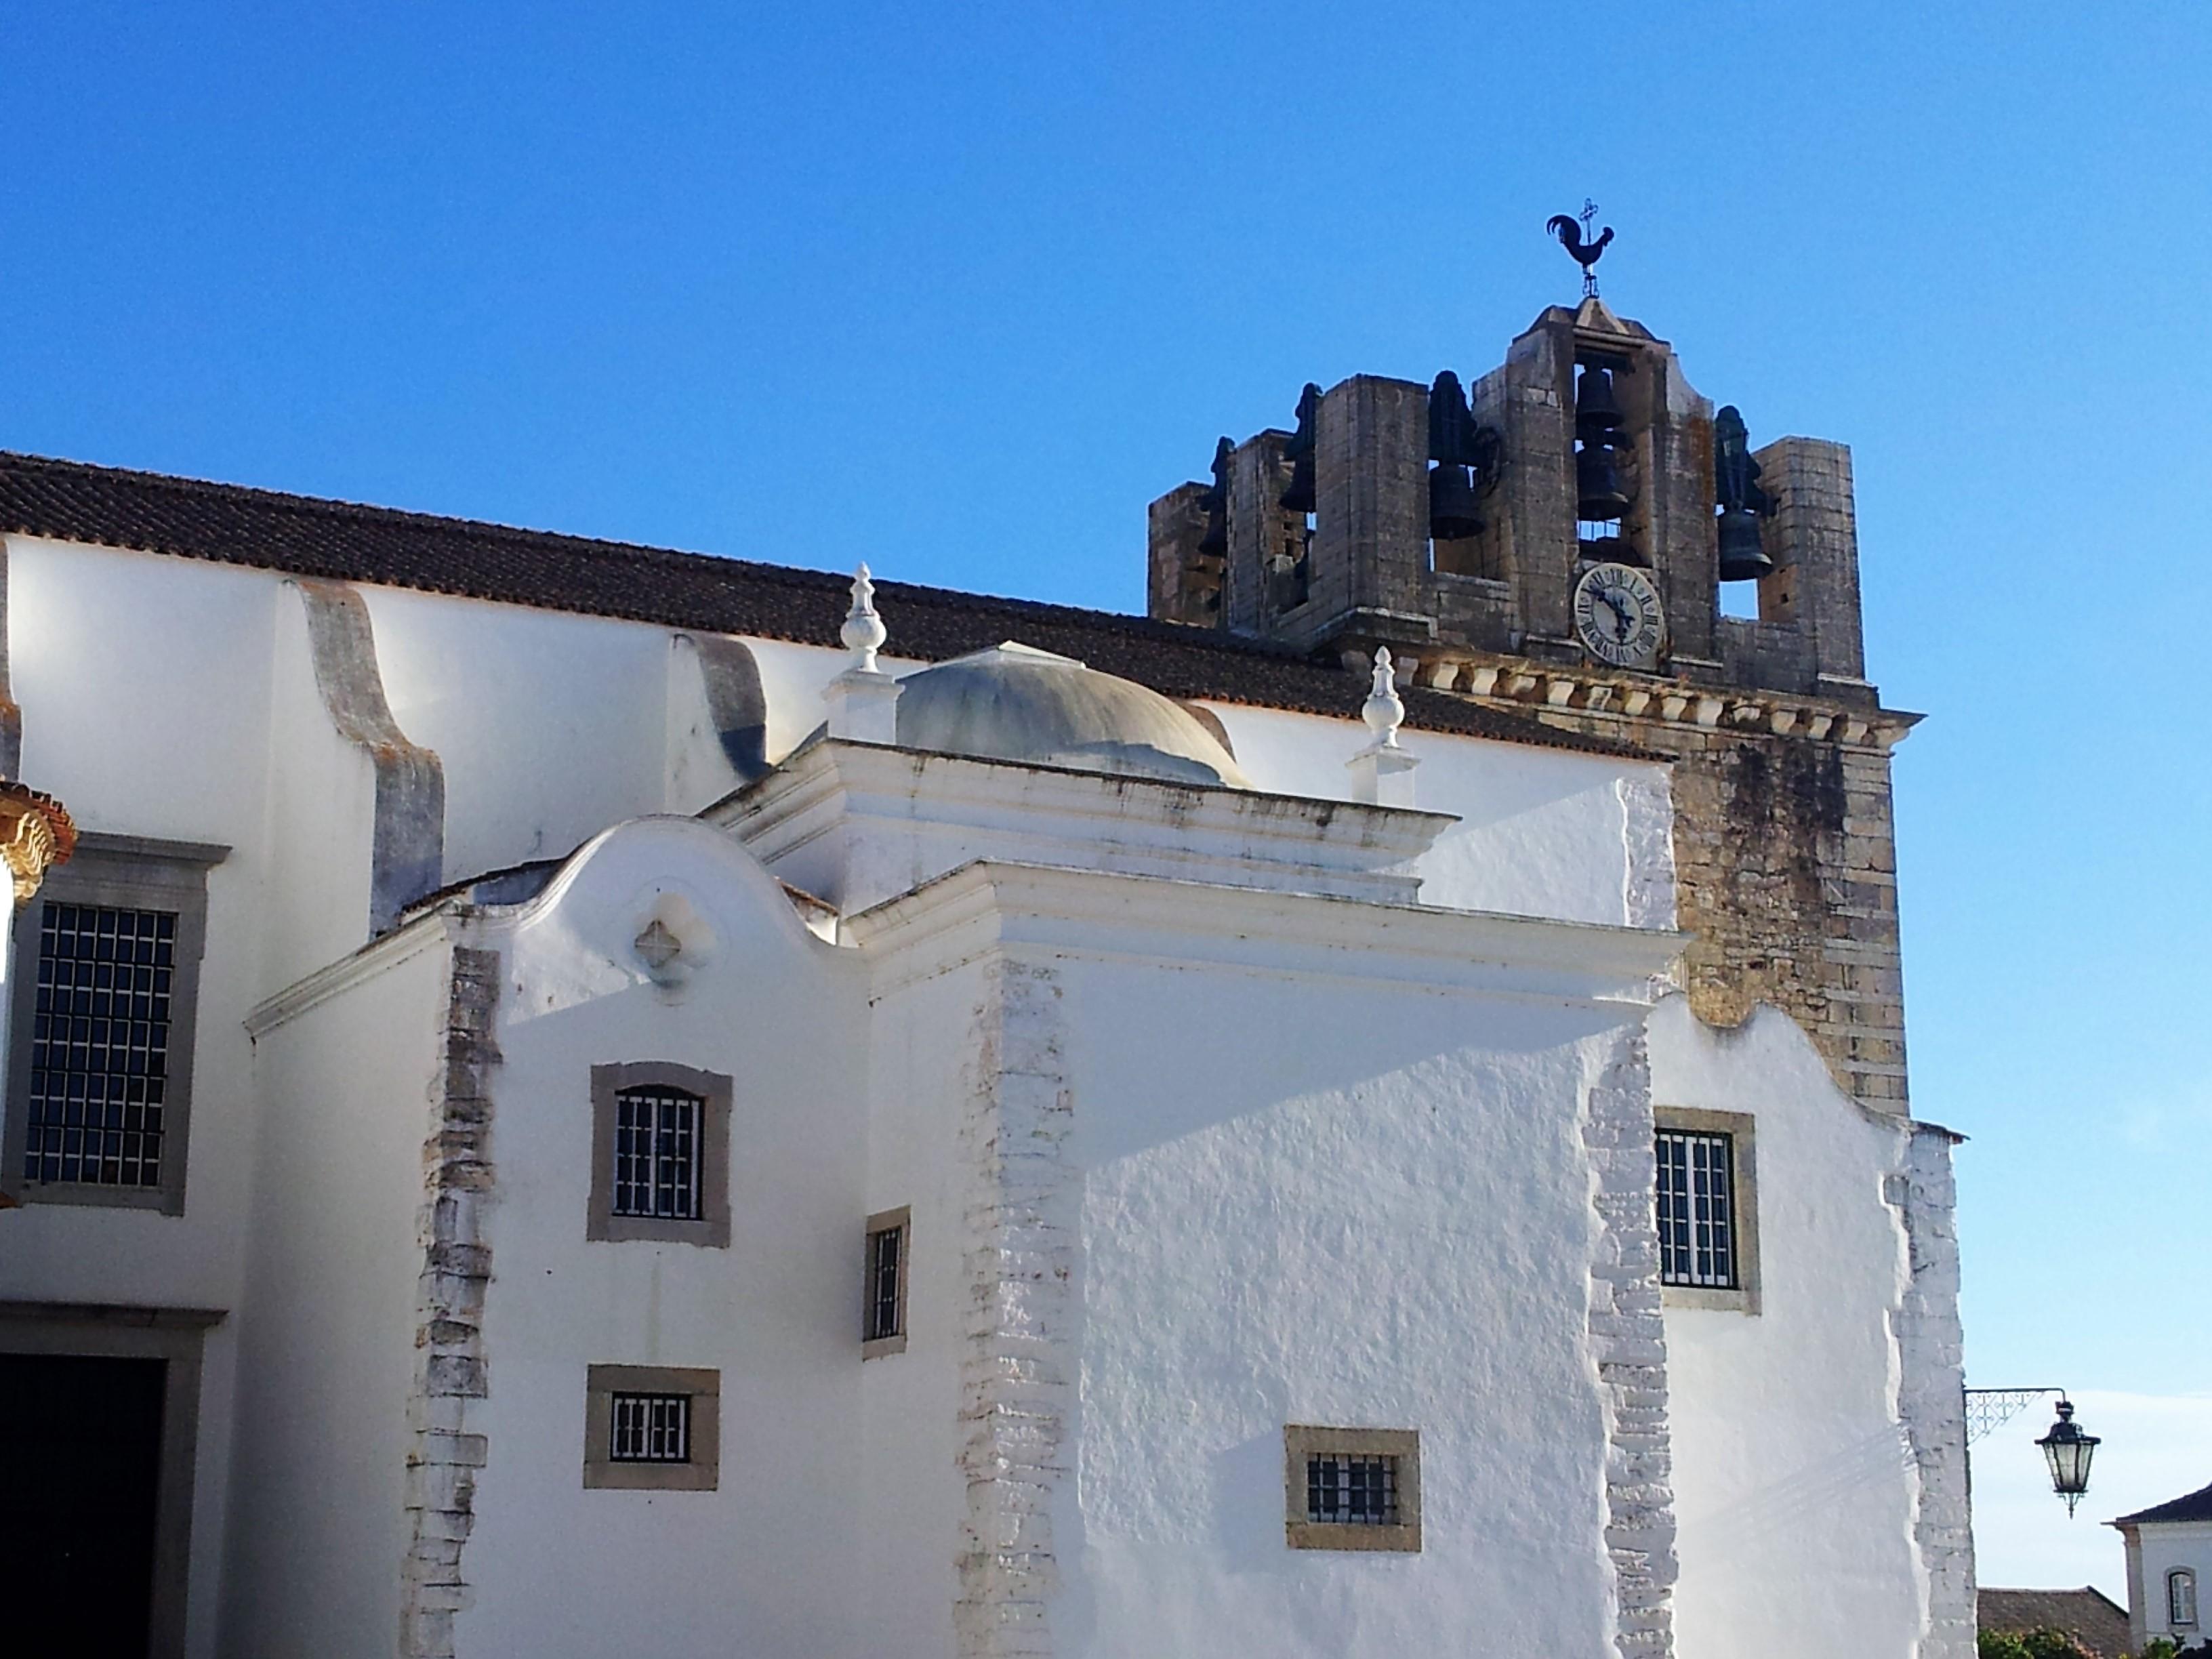 20160910 185317 Faro, dernier jour en Algarve